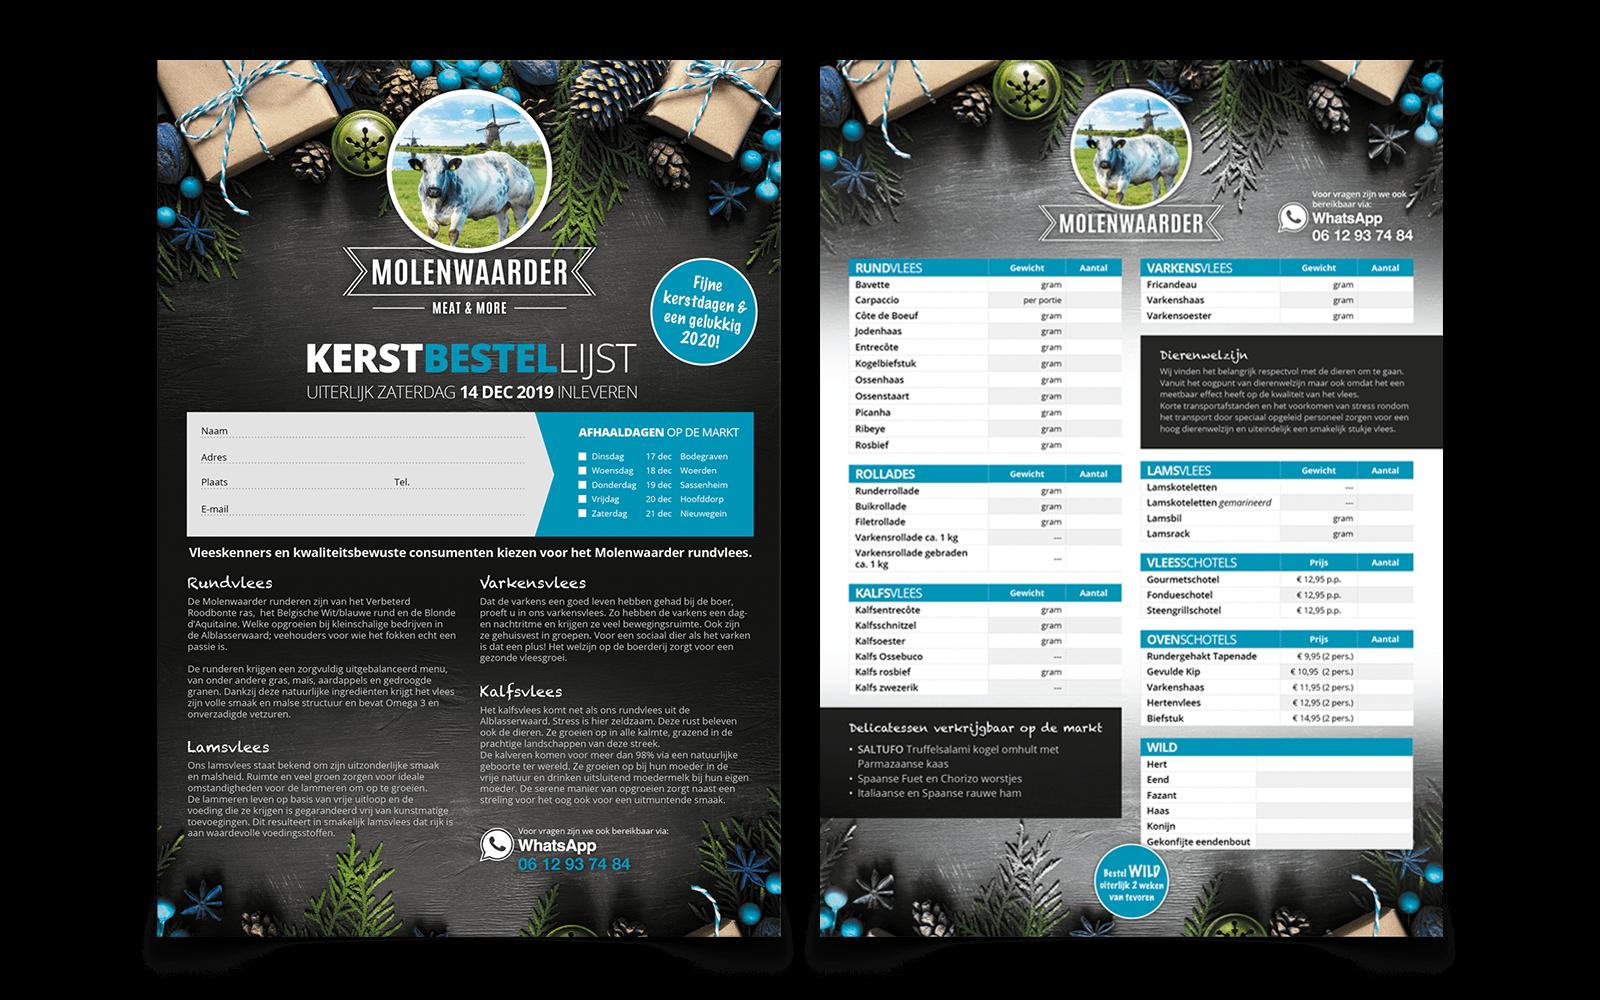 print-demo-molenwaarder-kerstbestellijst-2019